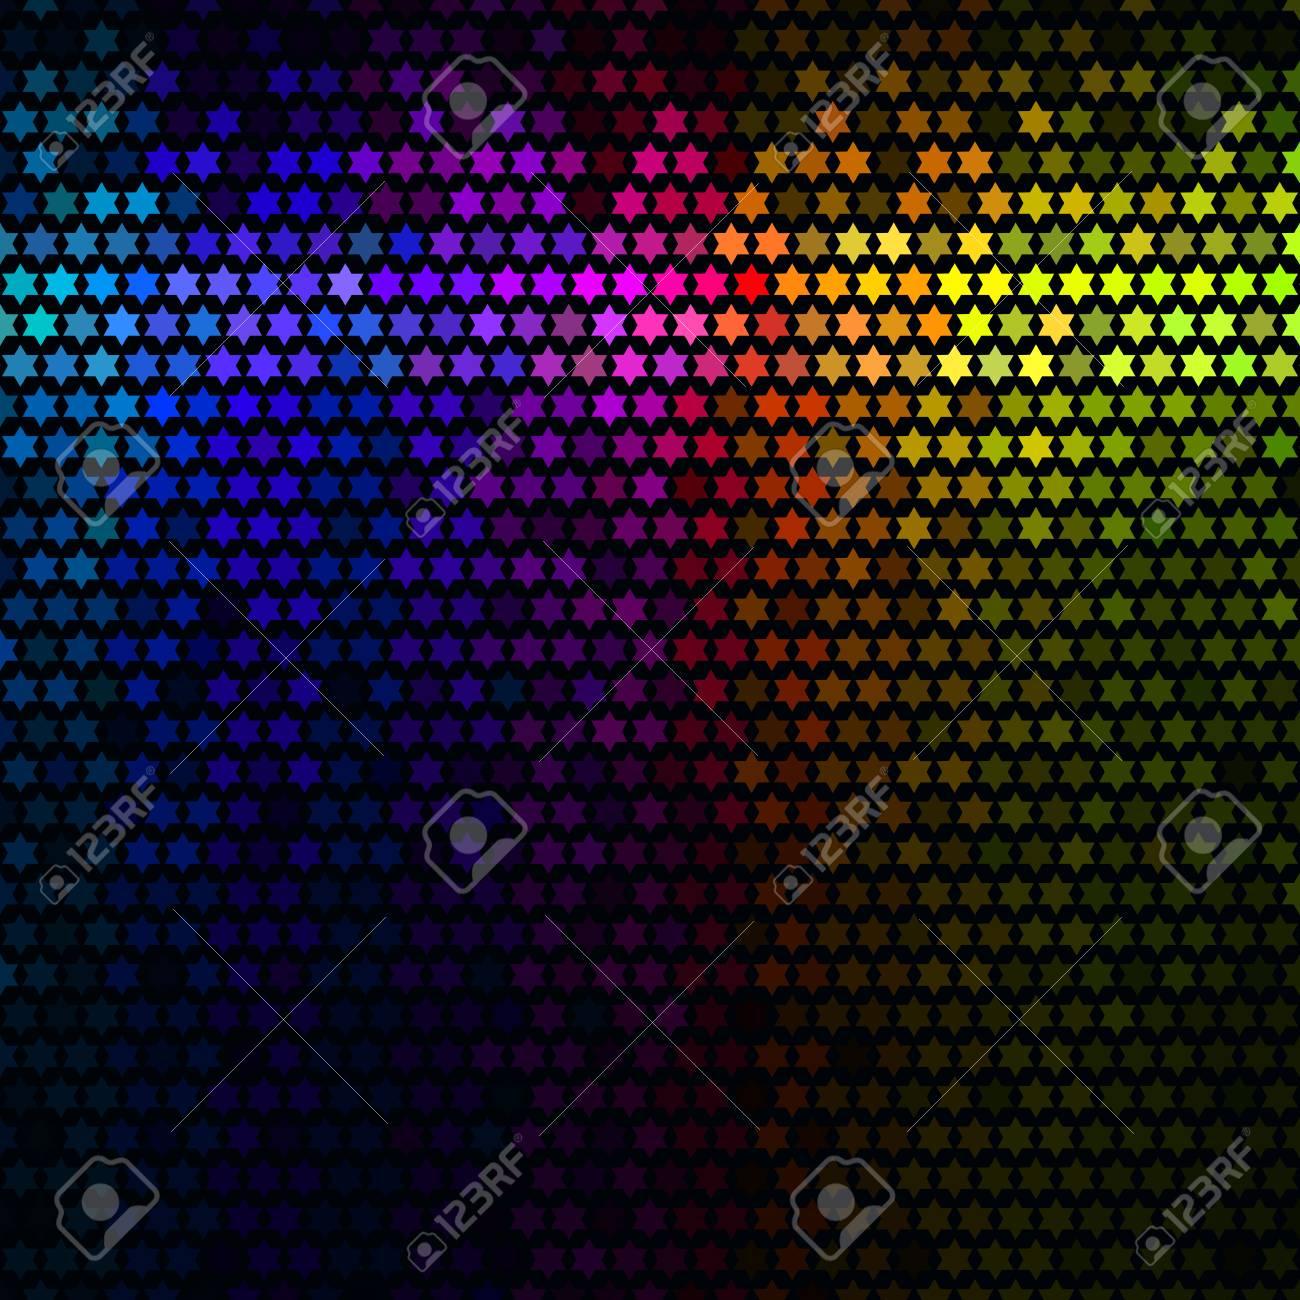 Abstrait Multicolore Lumières Disco Vecteur De Mosaïque De Pixel étoile